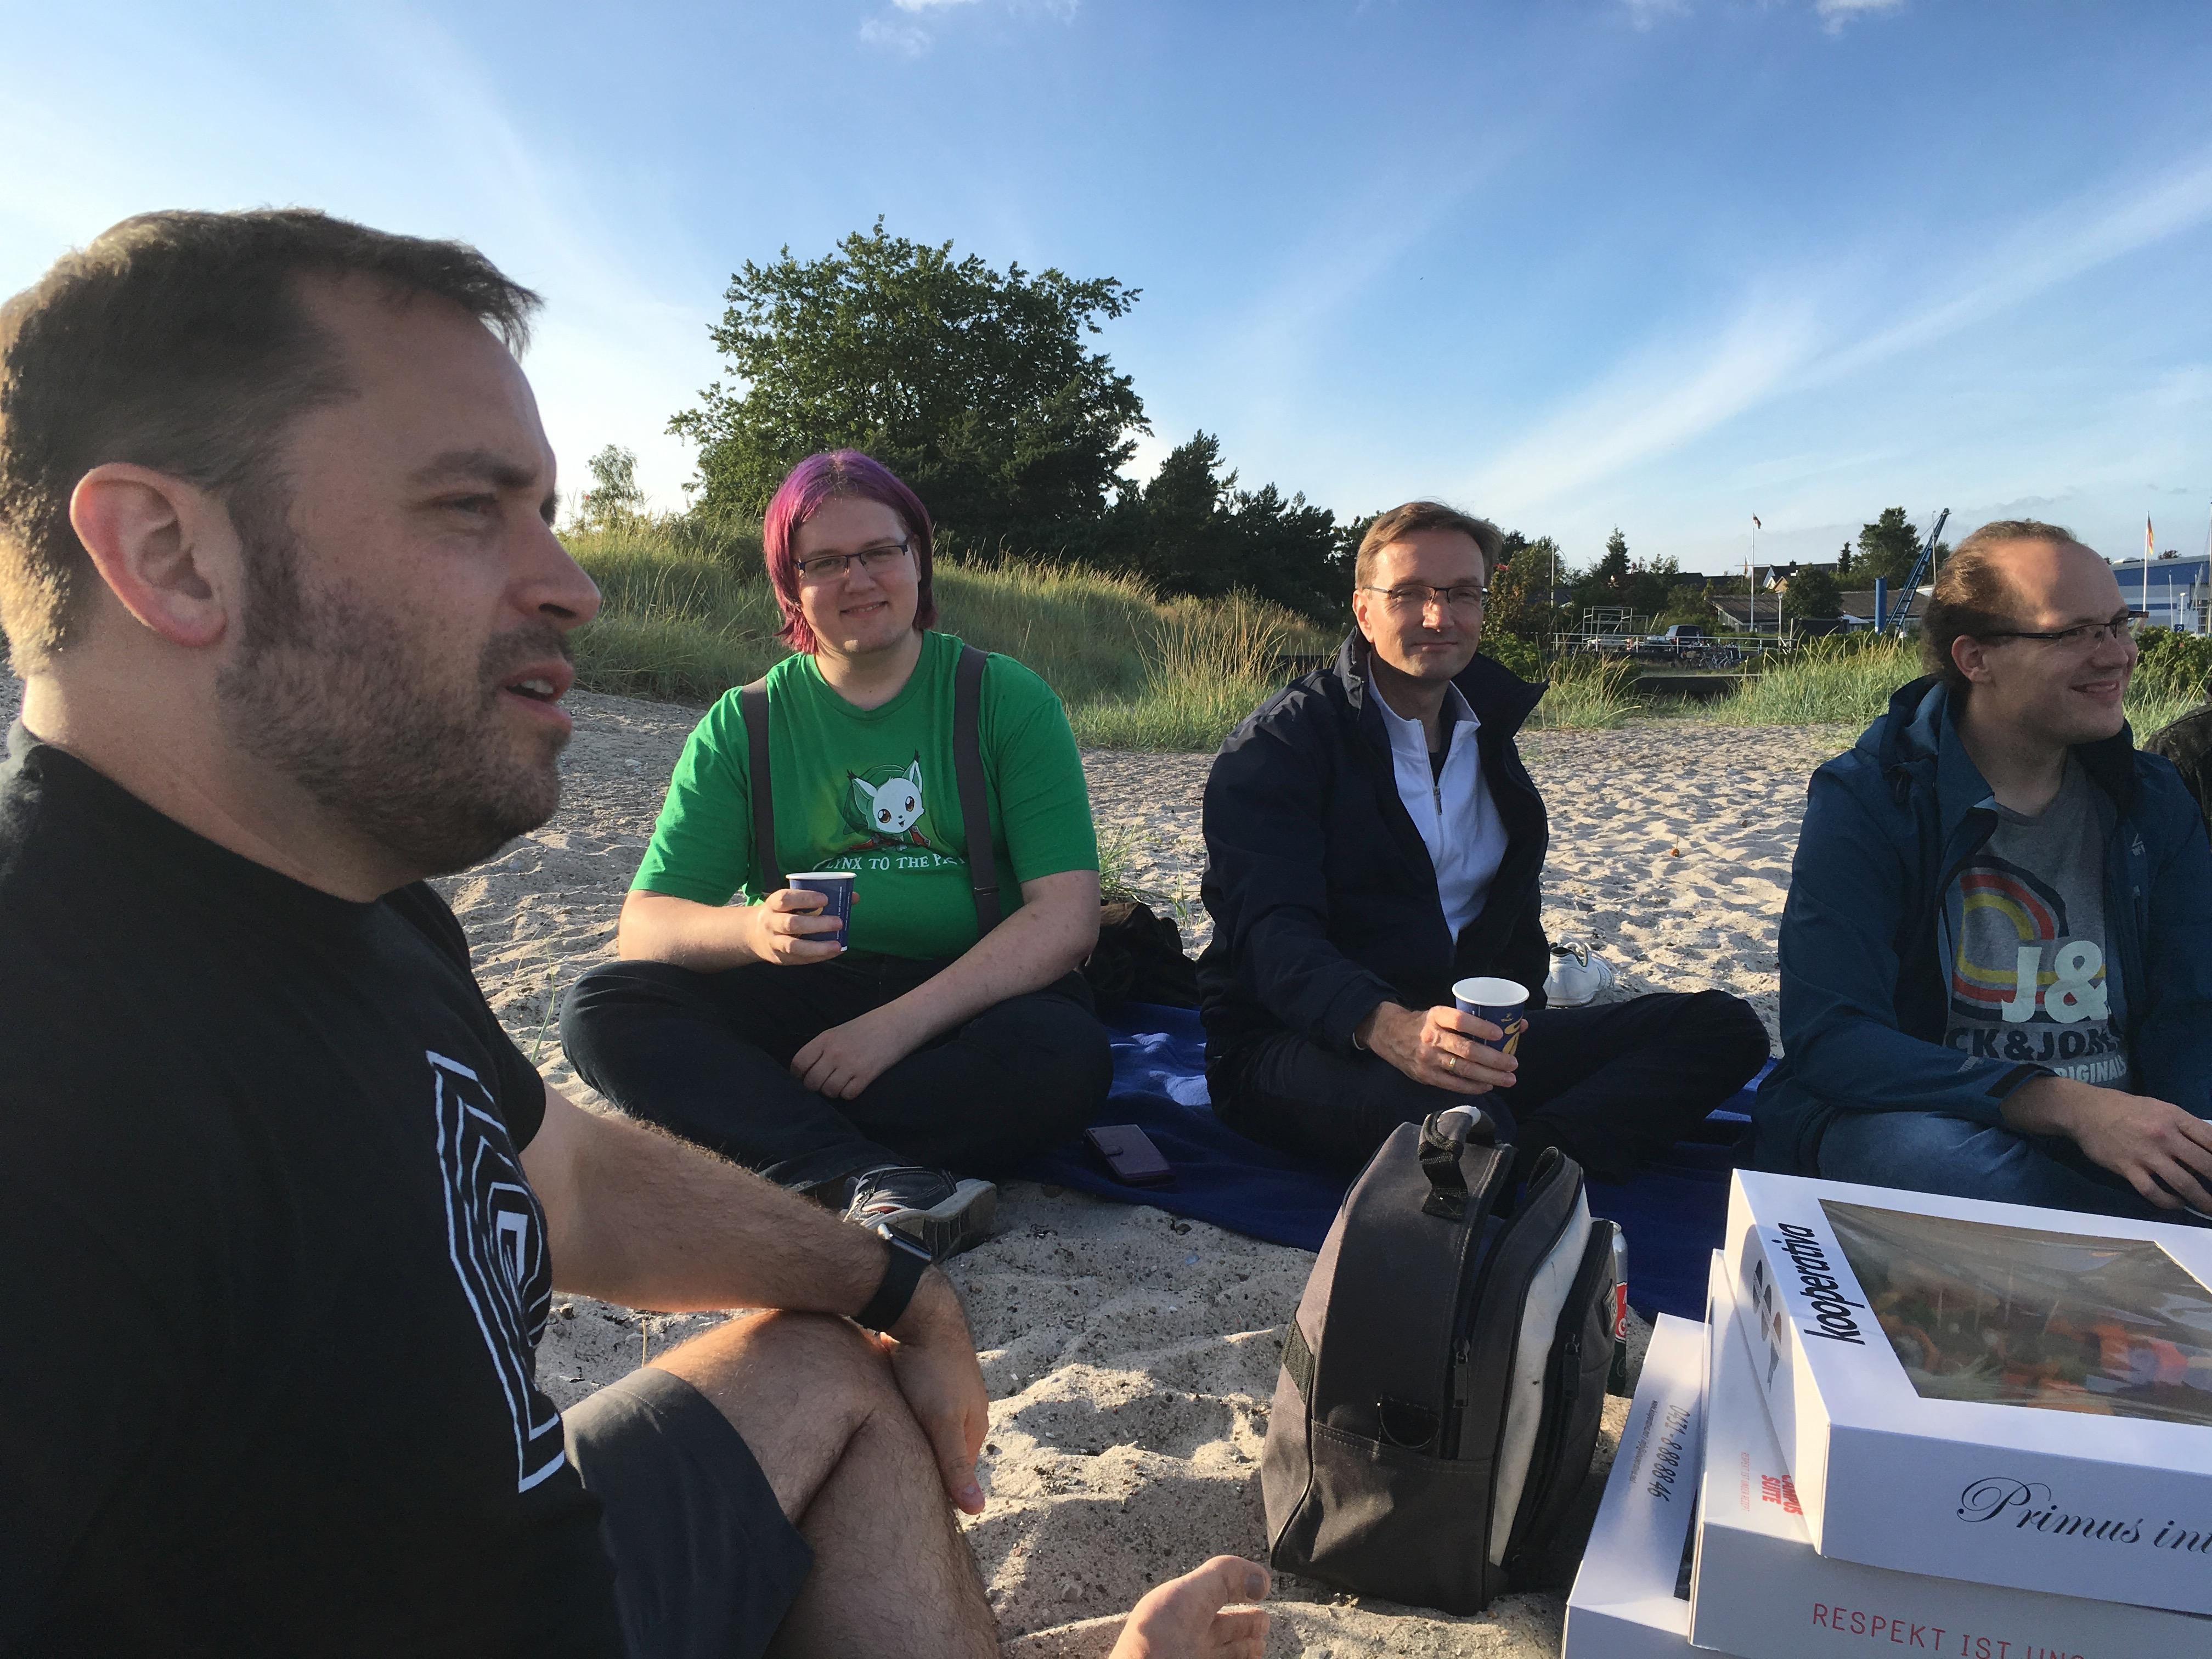 Magento 2 Hackathon Kiel 2017 Strand